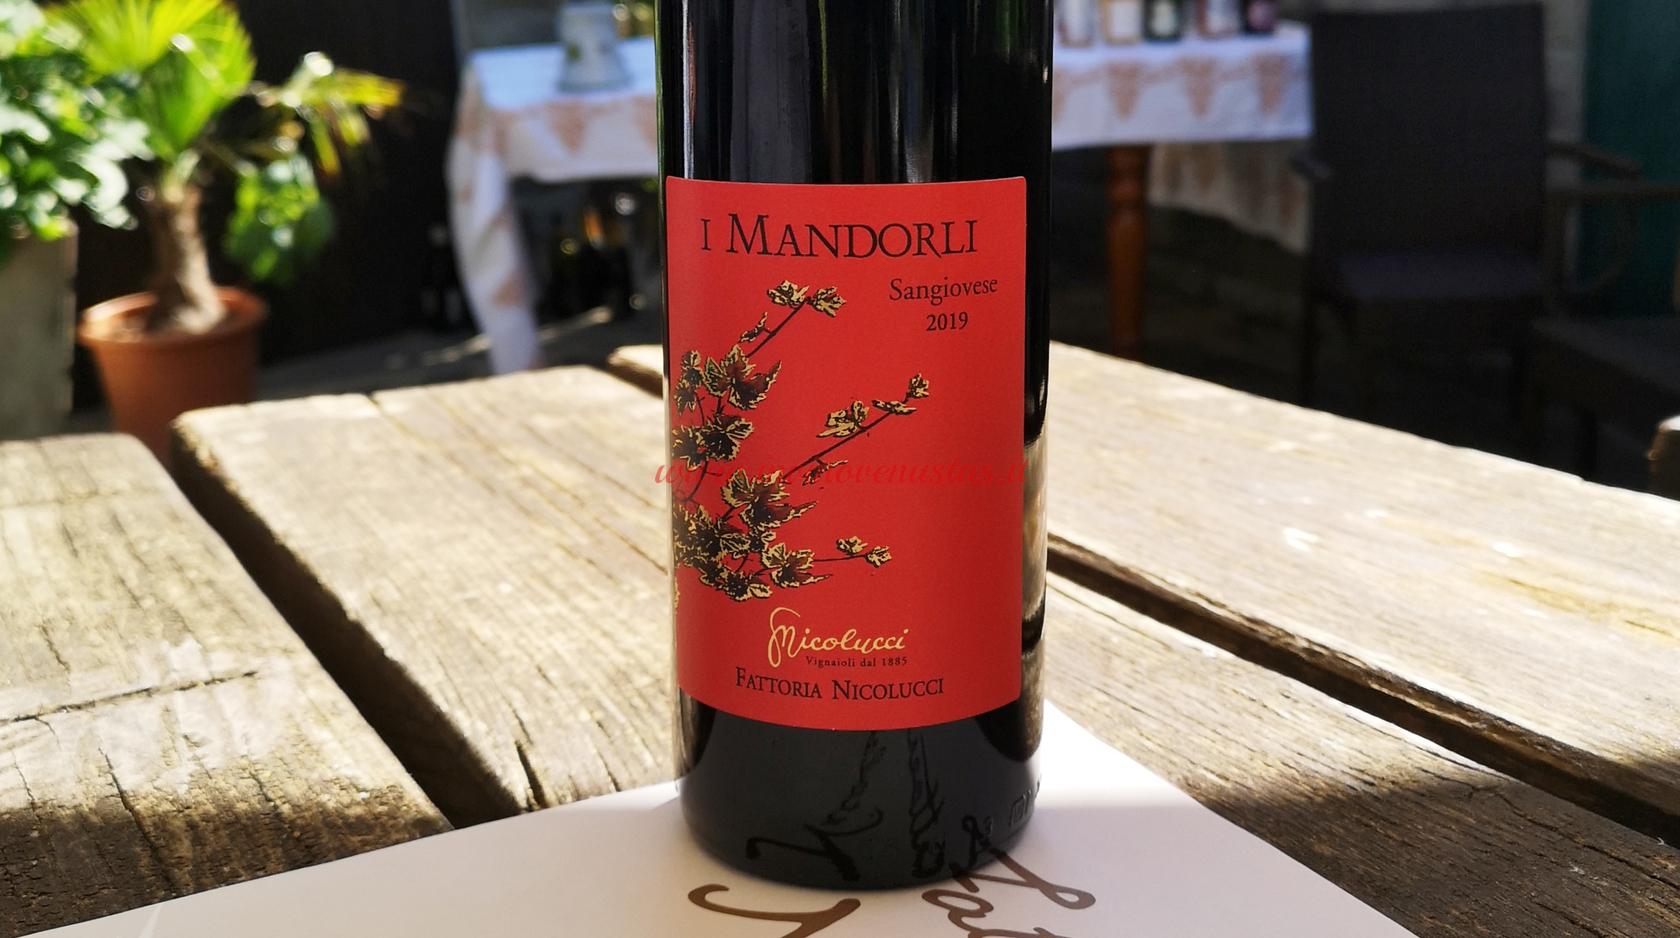 I Mandorli Sangiovese 2019 Vini Nicolucci